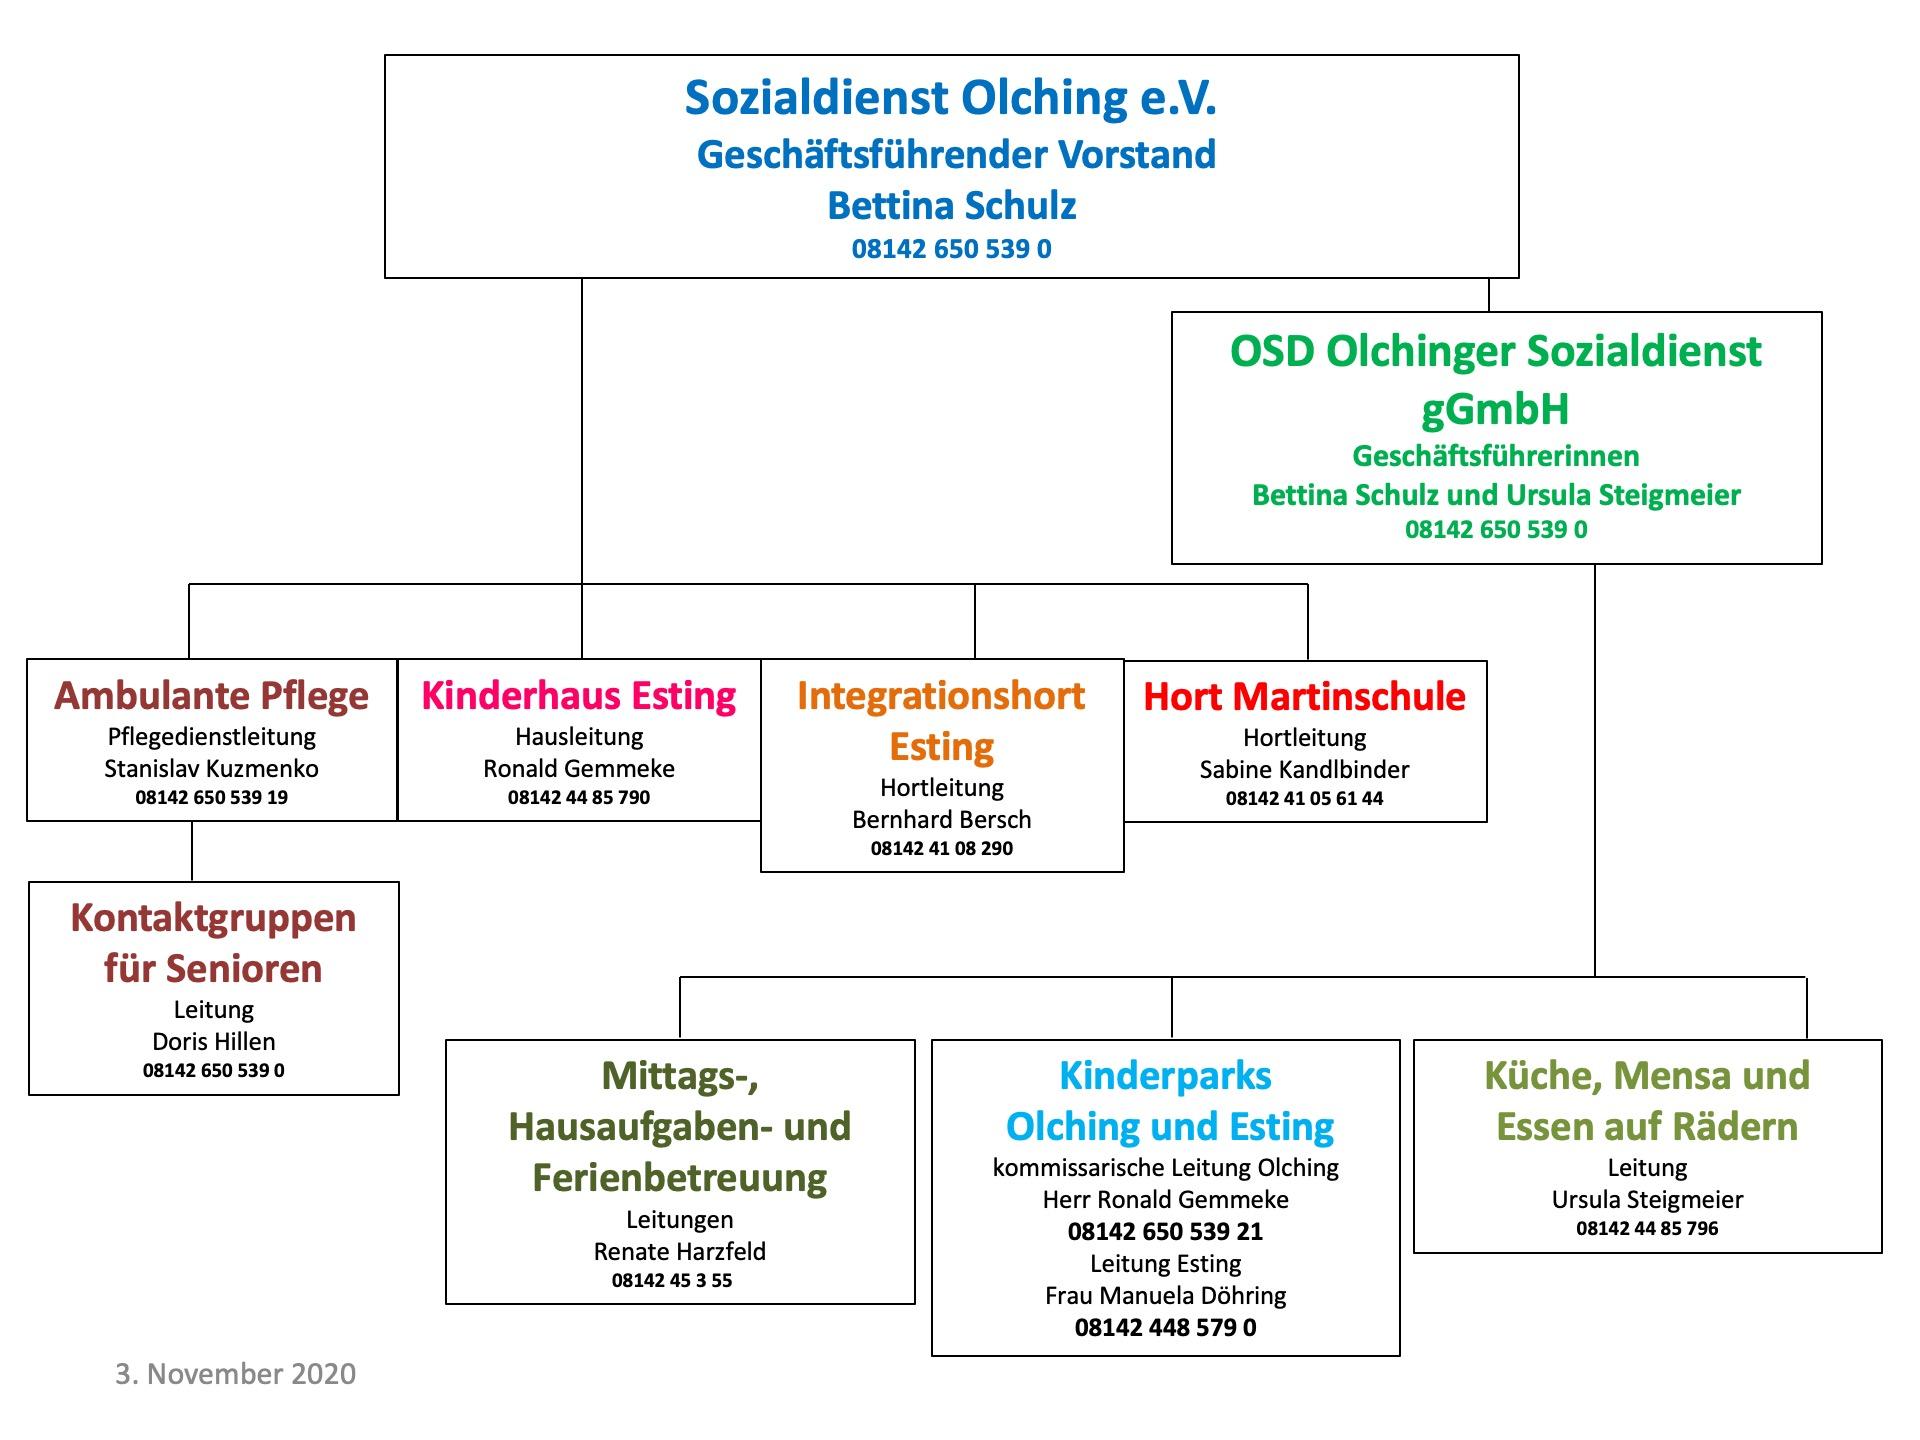 Organigramm Sozialdienst Olching 2020